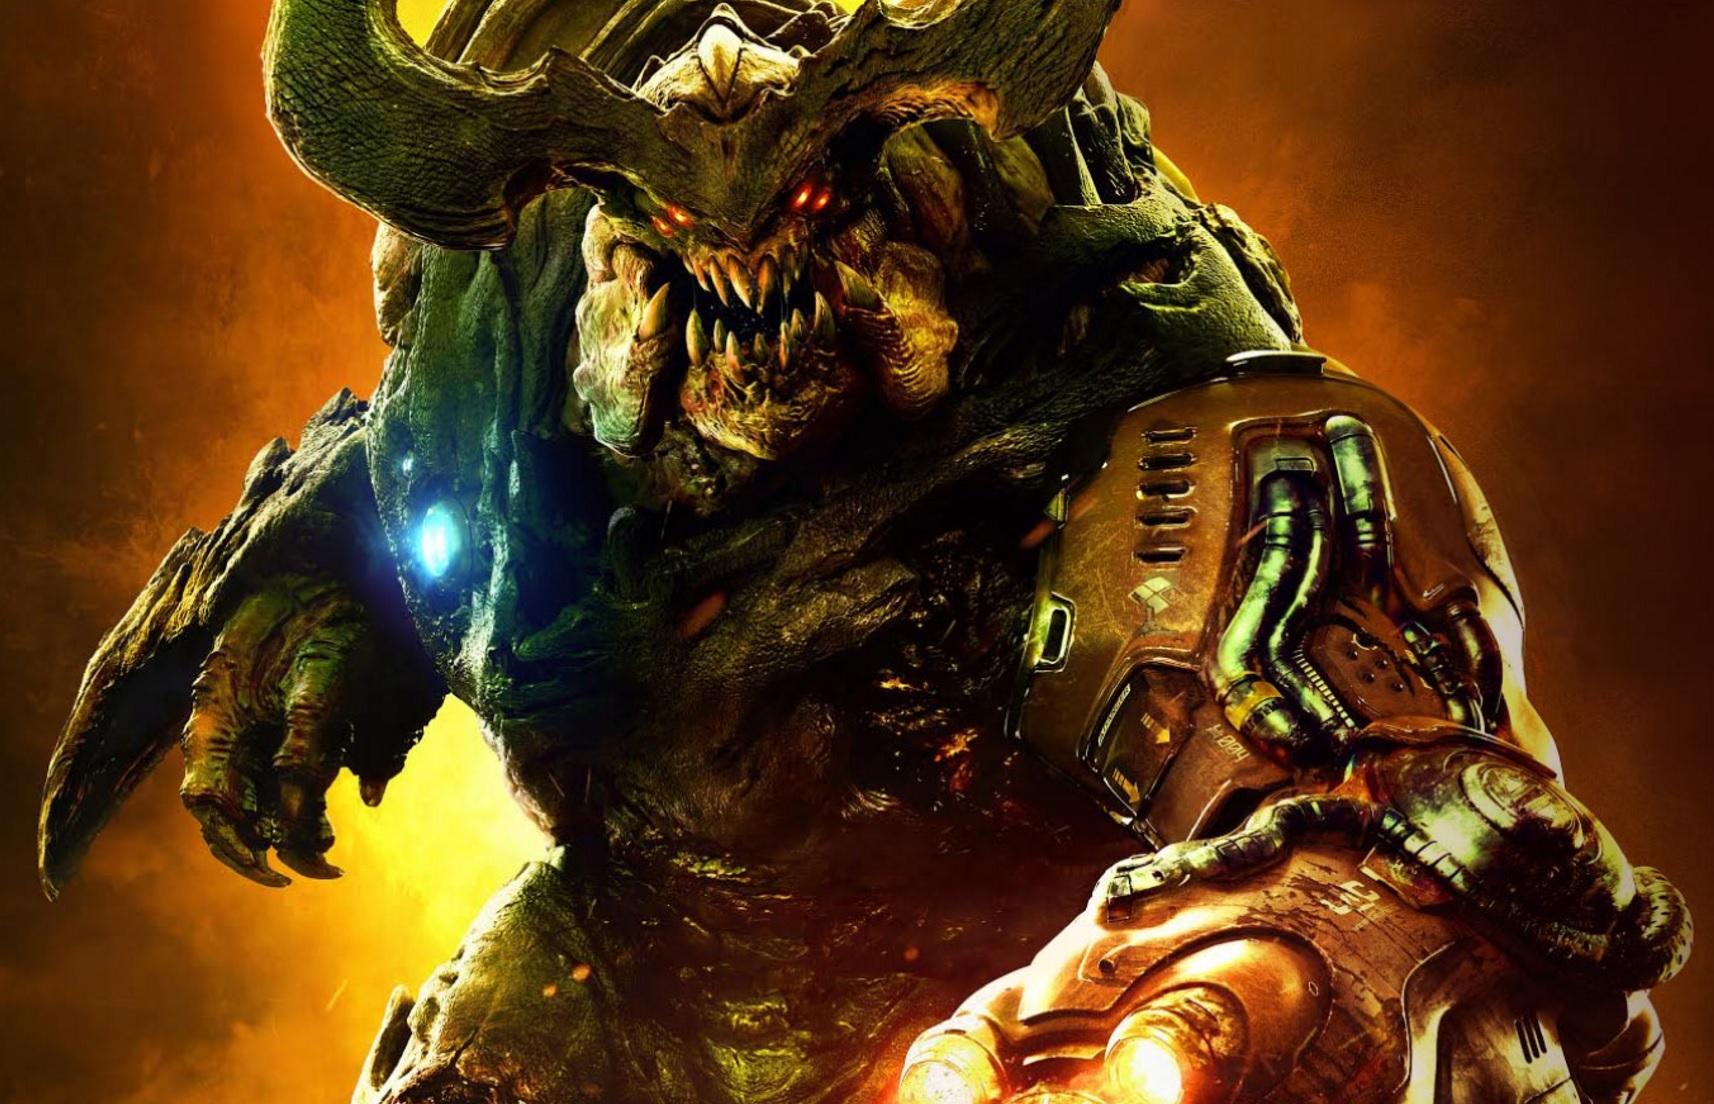 Liker du dataspill er Doom et must.